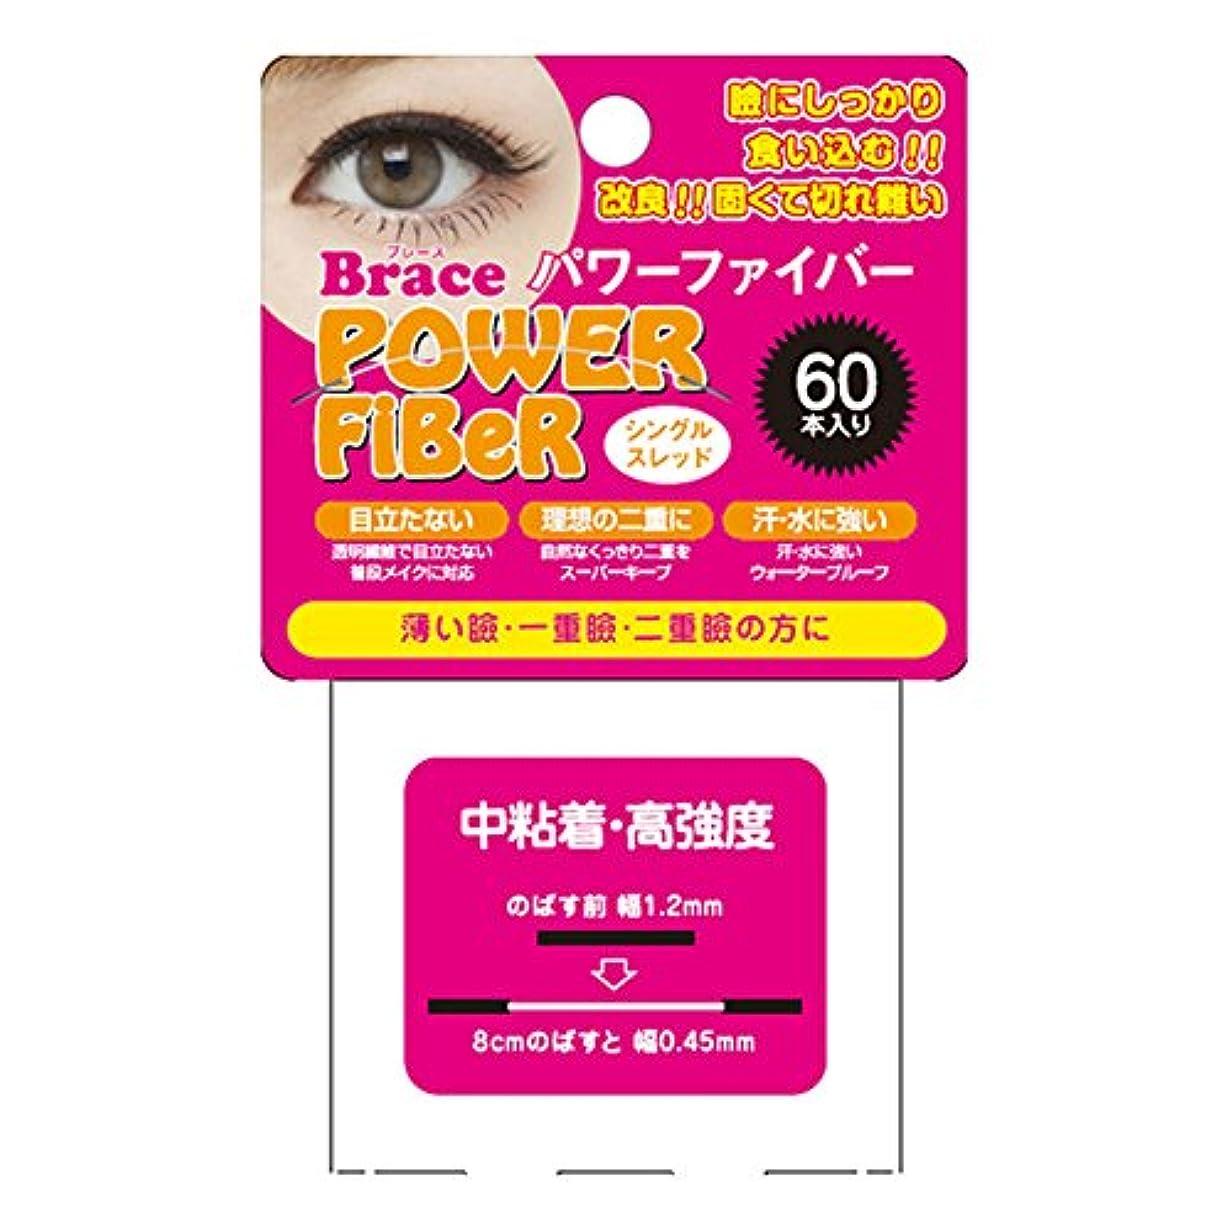 Brace ブレース パワーファイバー シングルスレッド クリア 1.2mm 60本入 (眼瞼下垂防止用テープ)